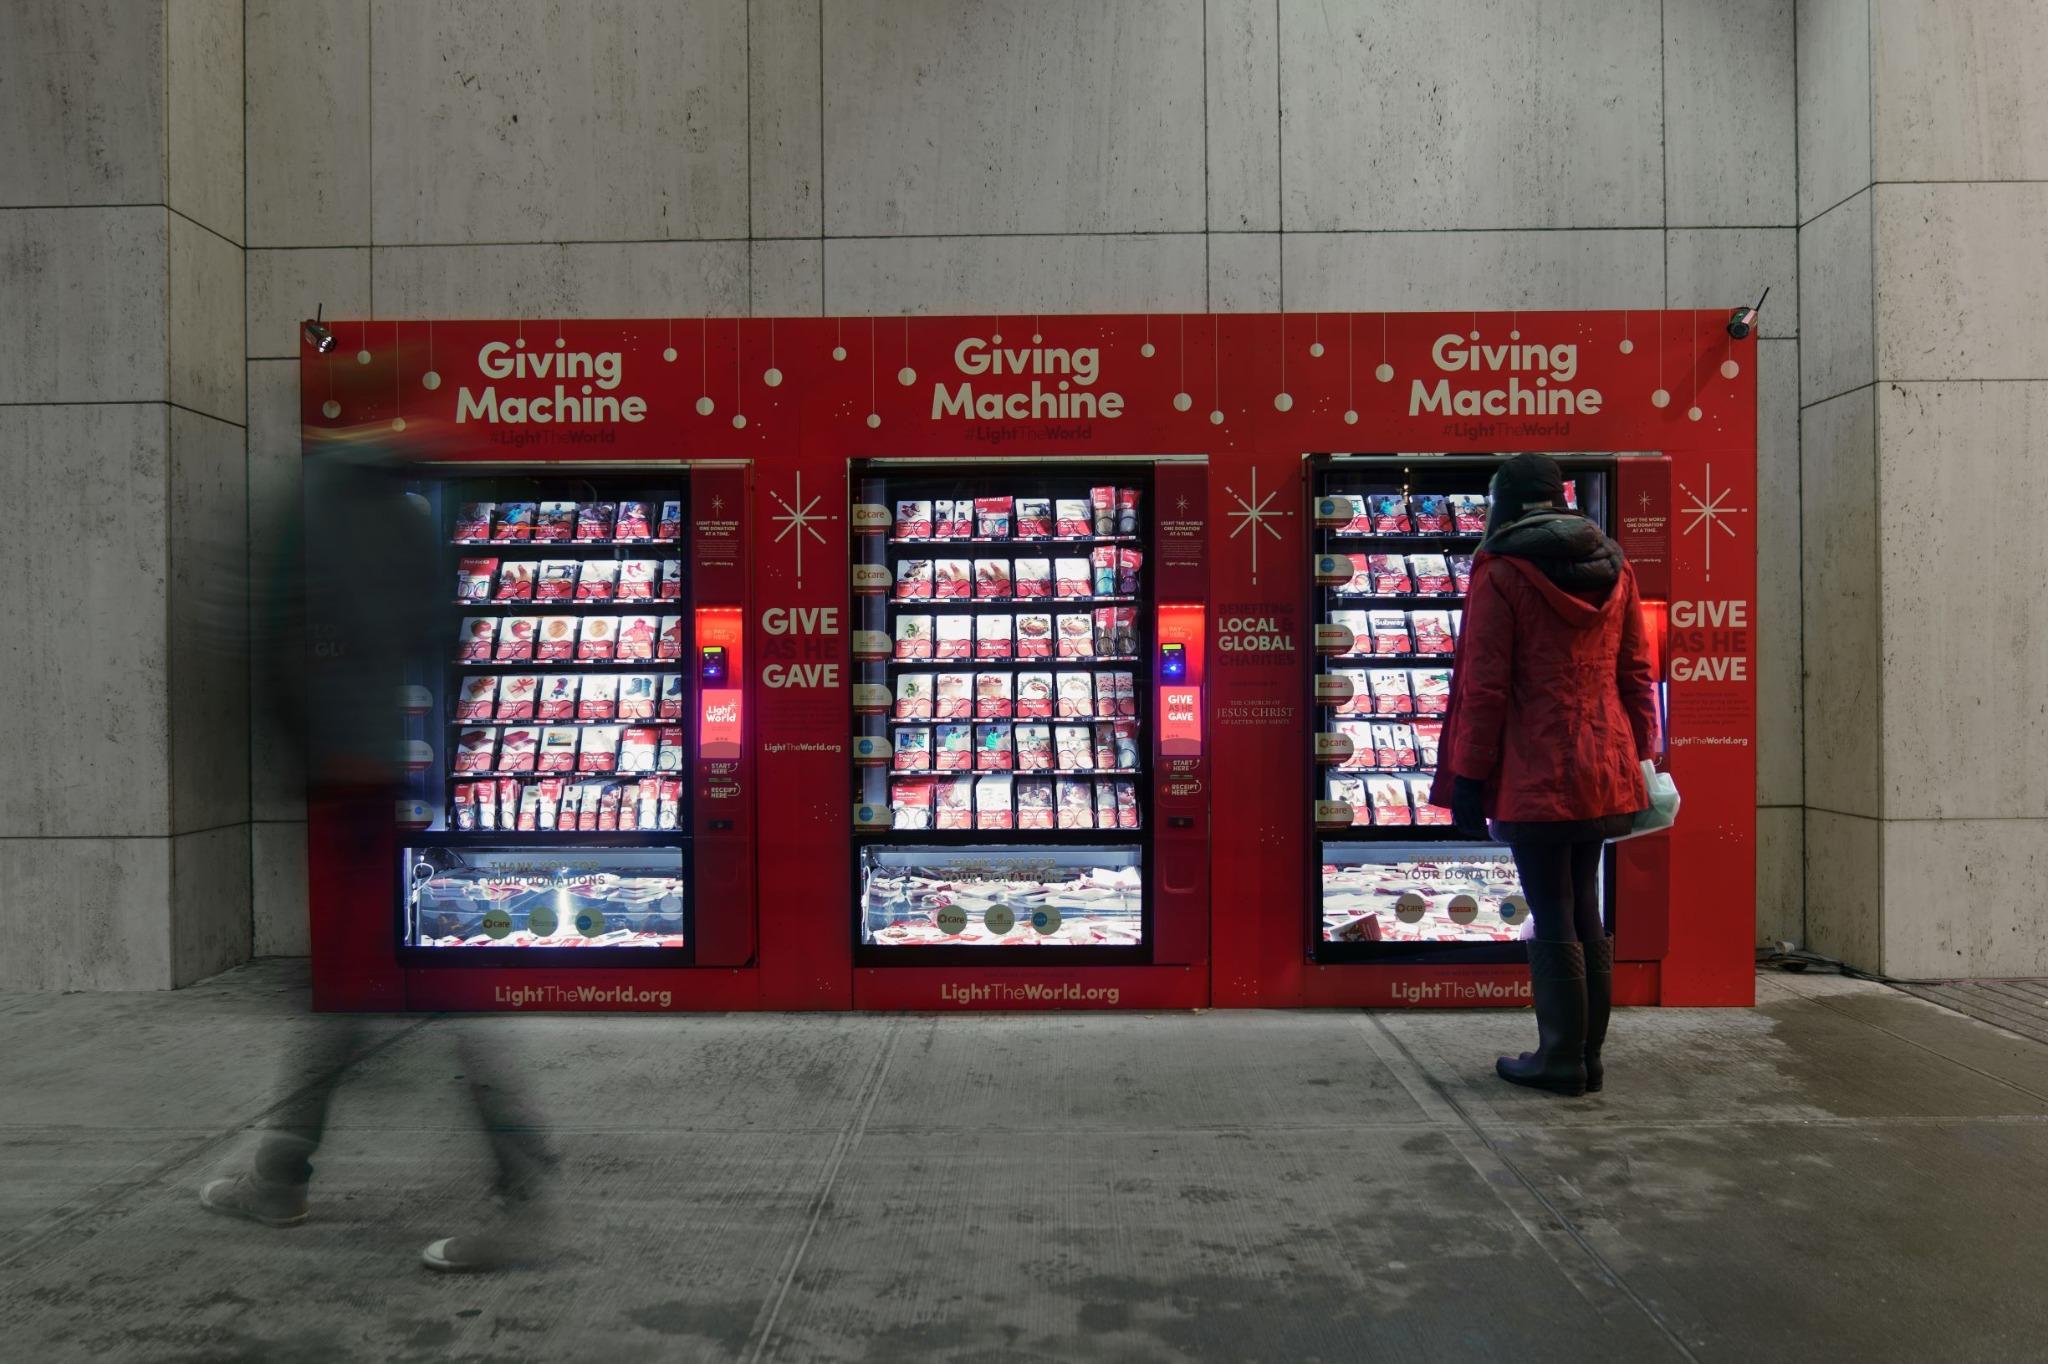 Una Máquina de donativos de #IluminaElMundo en la ciudad de Nueva York, una de las 10 localidades de este año donde la gente puede hacer donaciones durante la temporada Navideña.